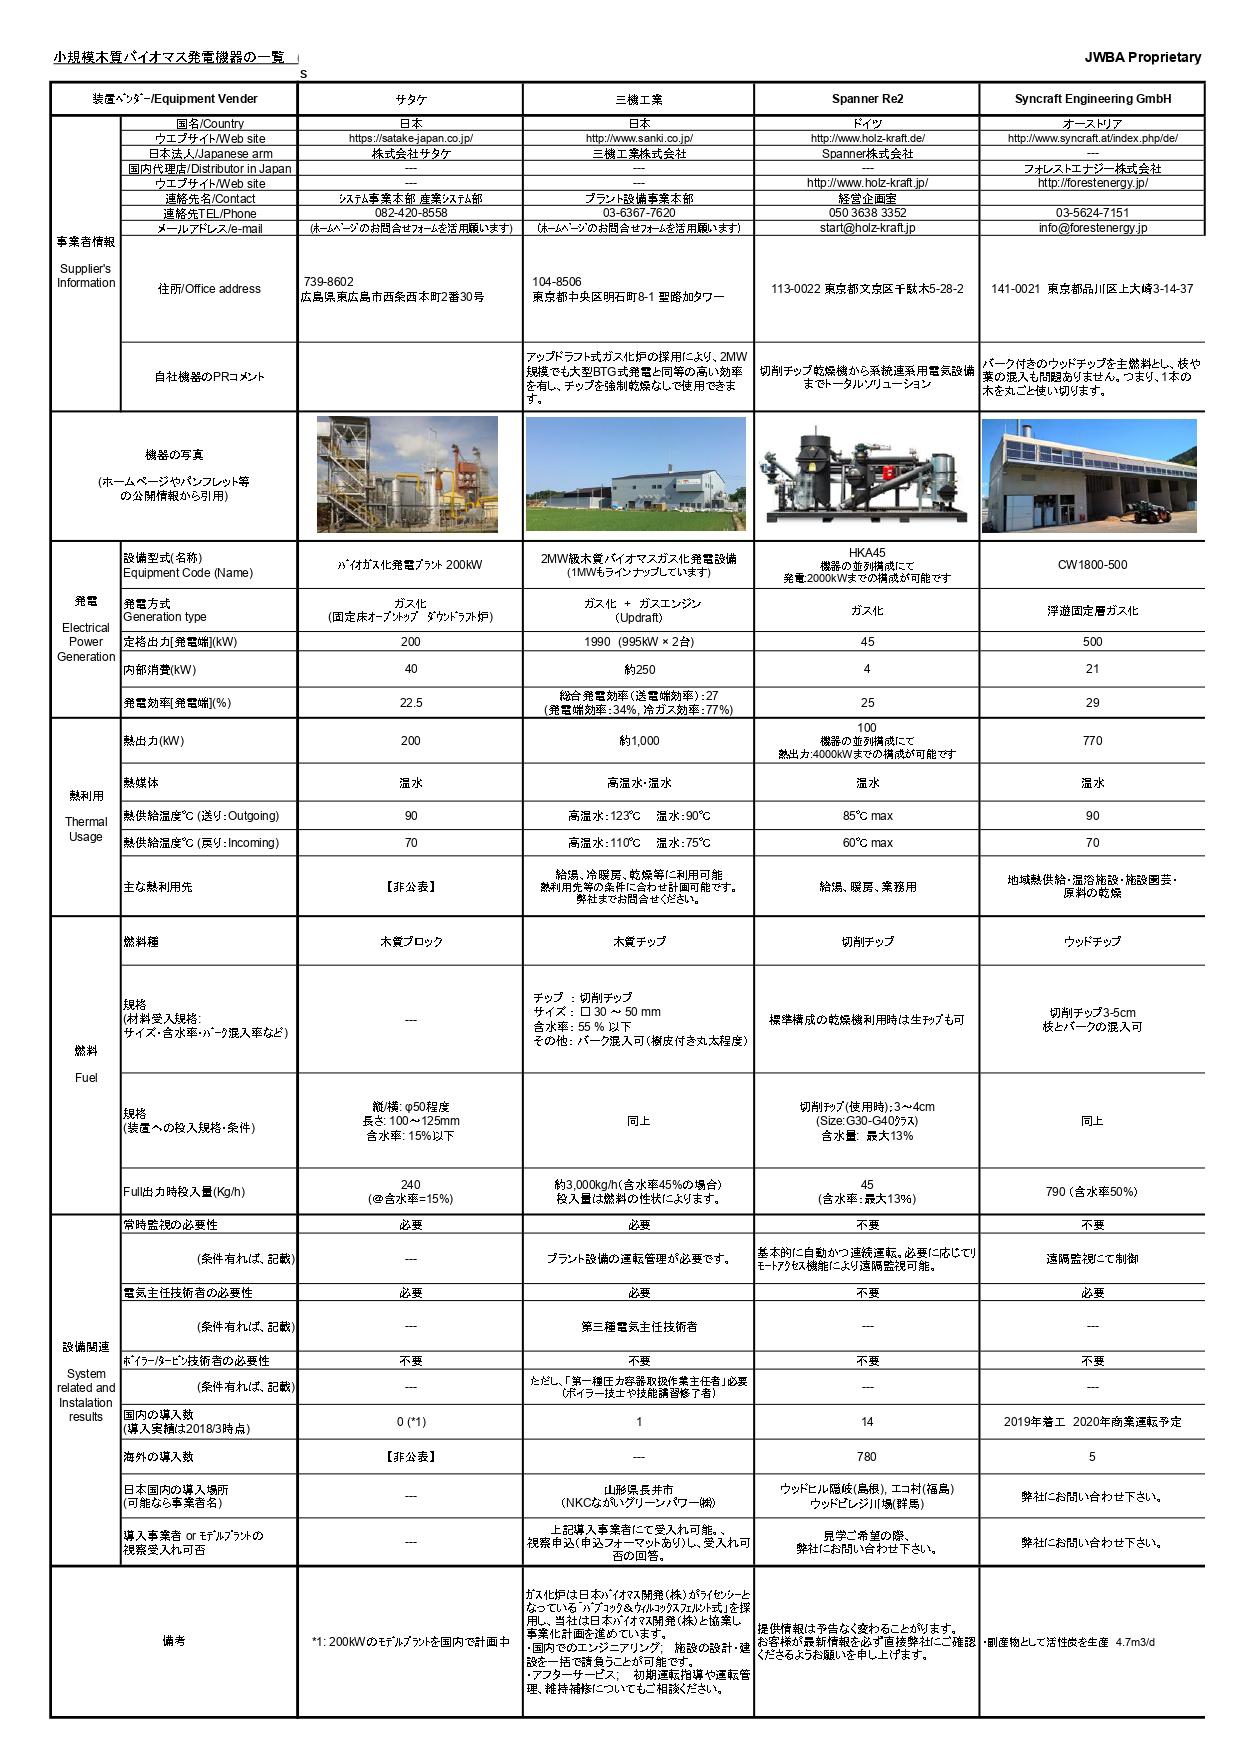 国内で販売されている小規模木質バイオマス発電機器の一覧 一般社団